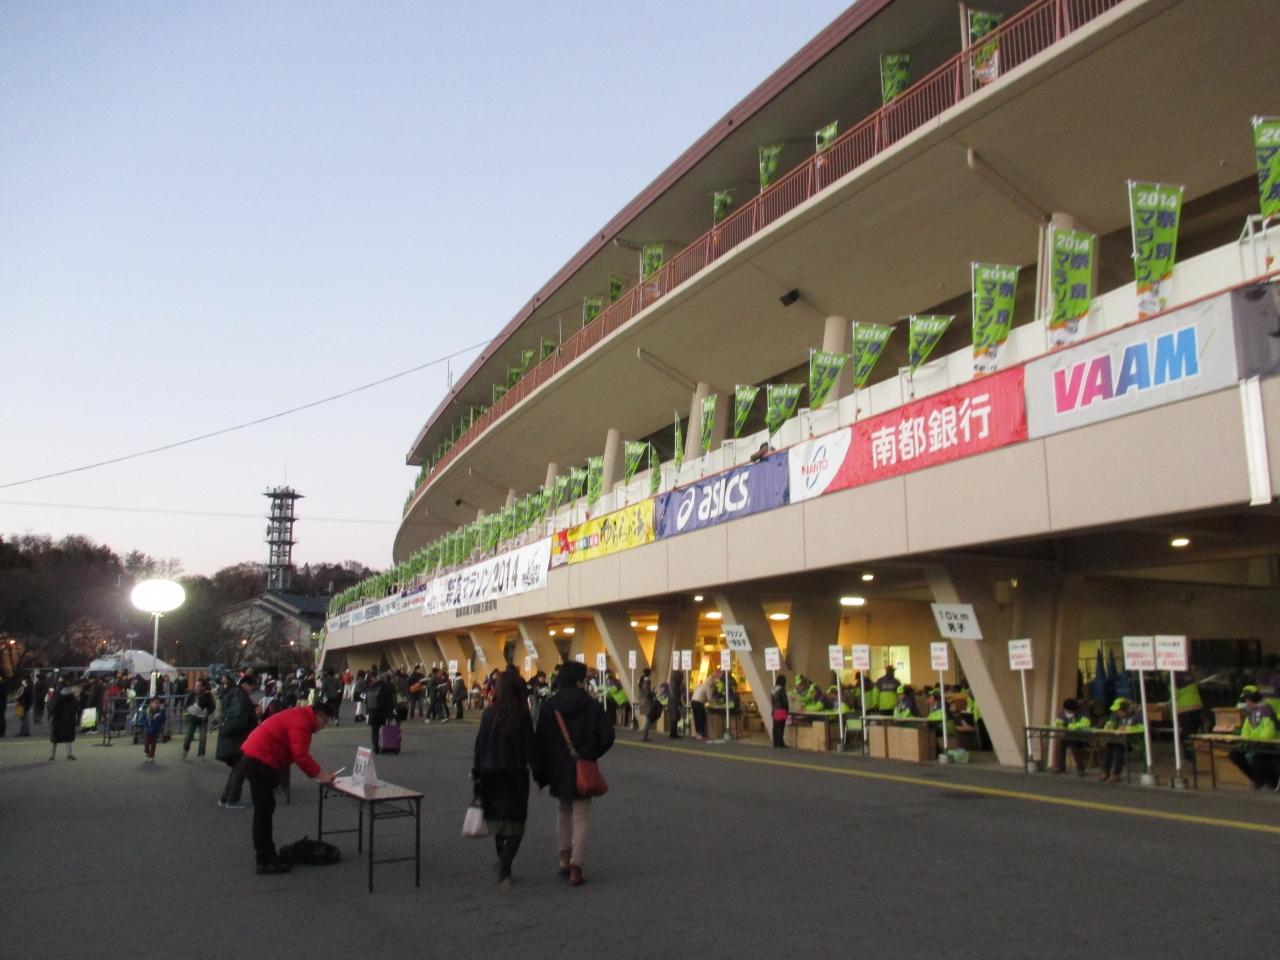 奈良マラソン2014 アップダウンを踏破して大和路を走る(大会前日編)